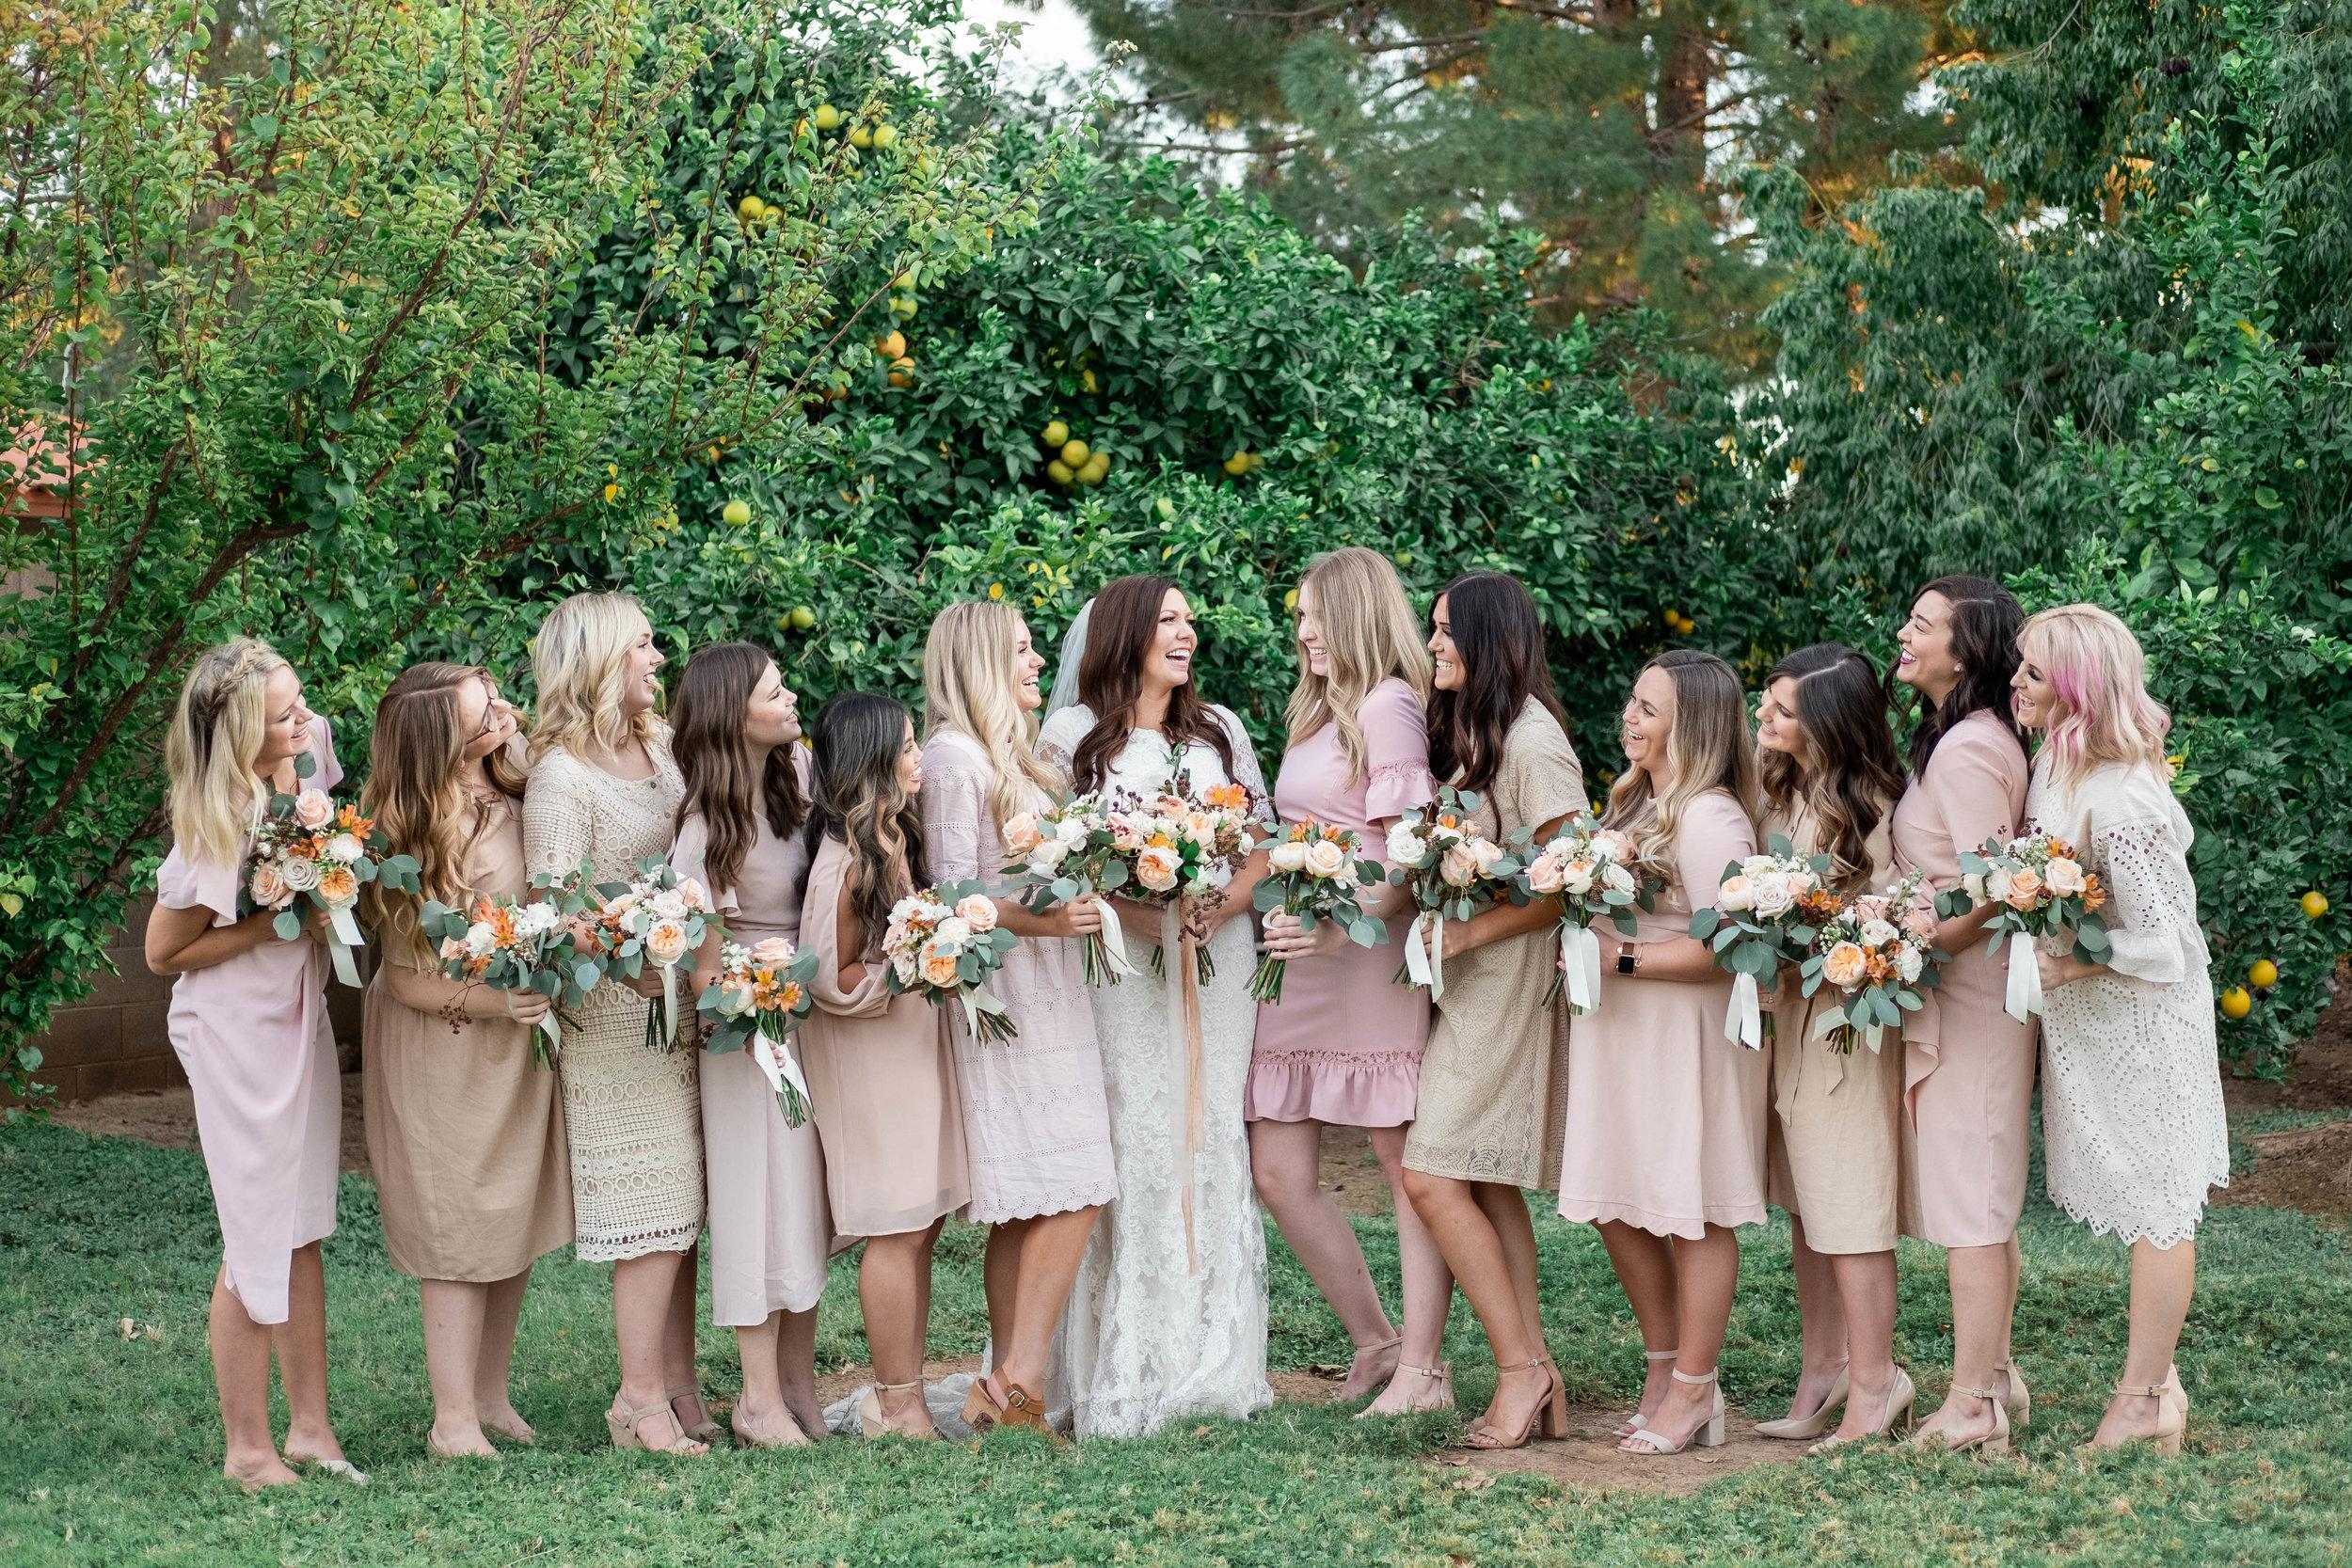 kelsandmichael_weddingphotography_coffey-508.jpg